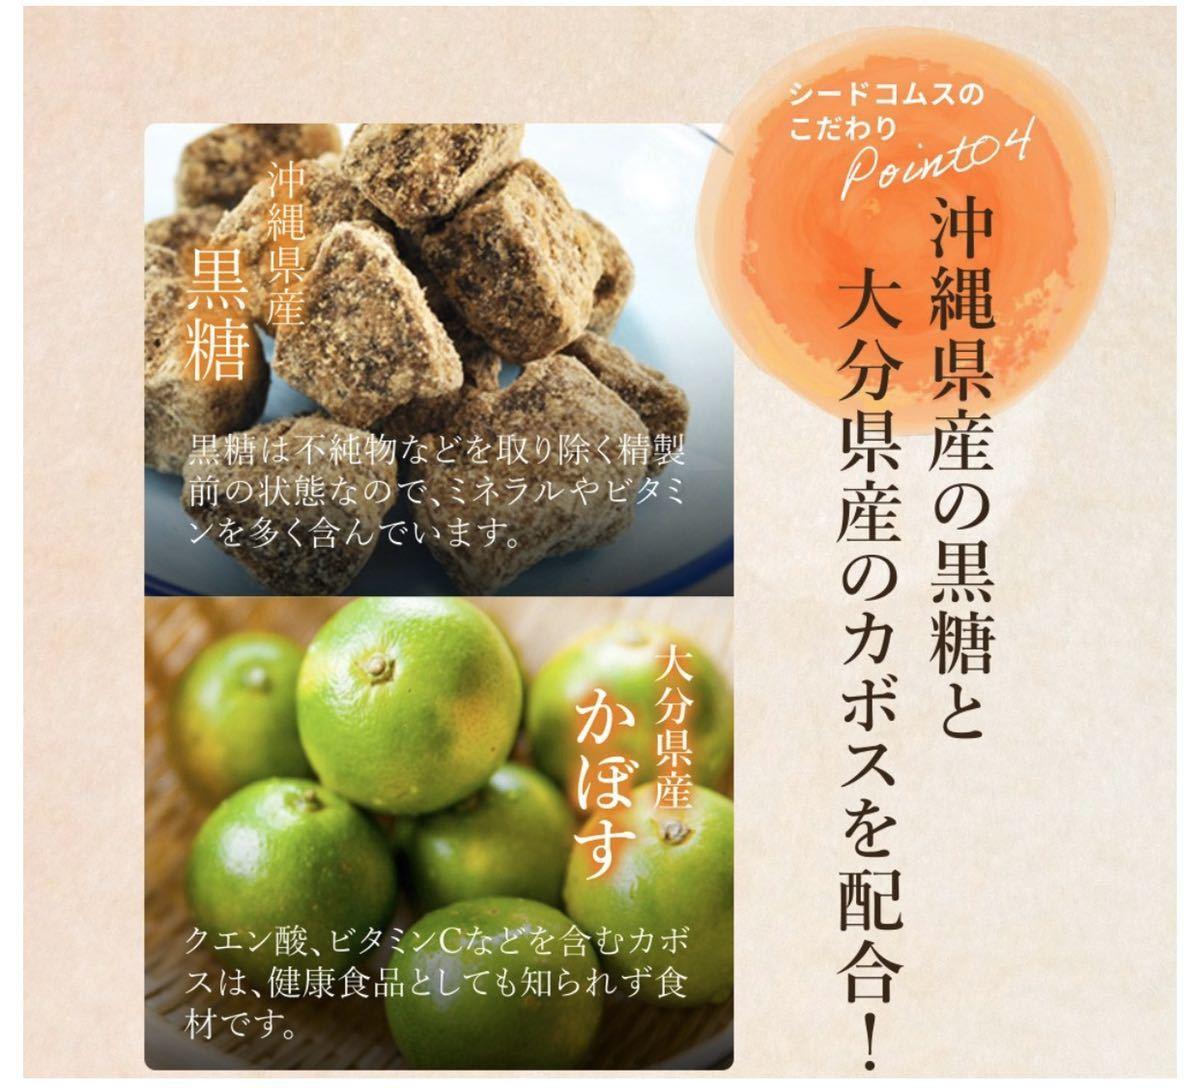 長崎県産しょうが使用 生姜美人 ペースト状 1箱31包入り 化学調味料 着色料 保存料 香料 全て一切不使用 温活_画像6